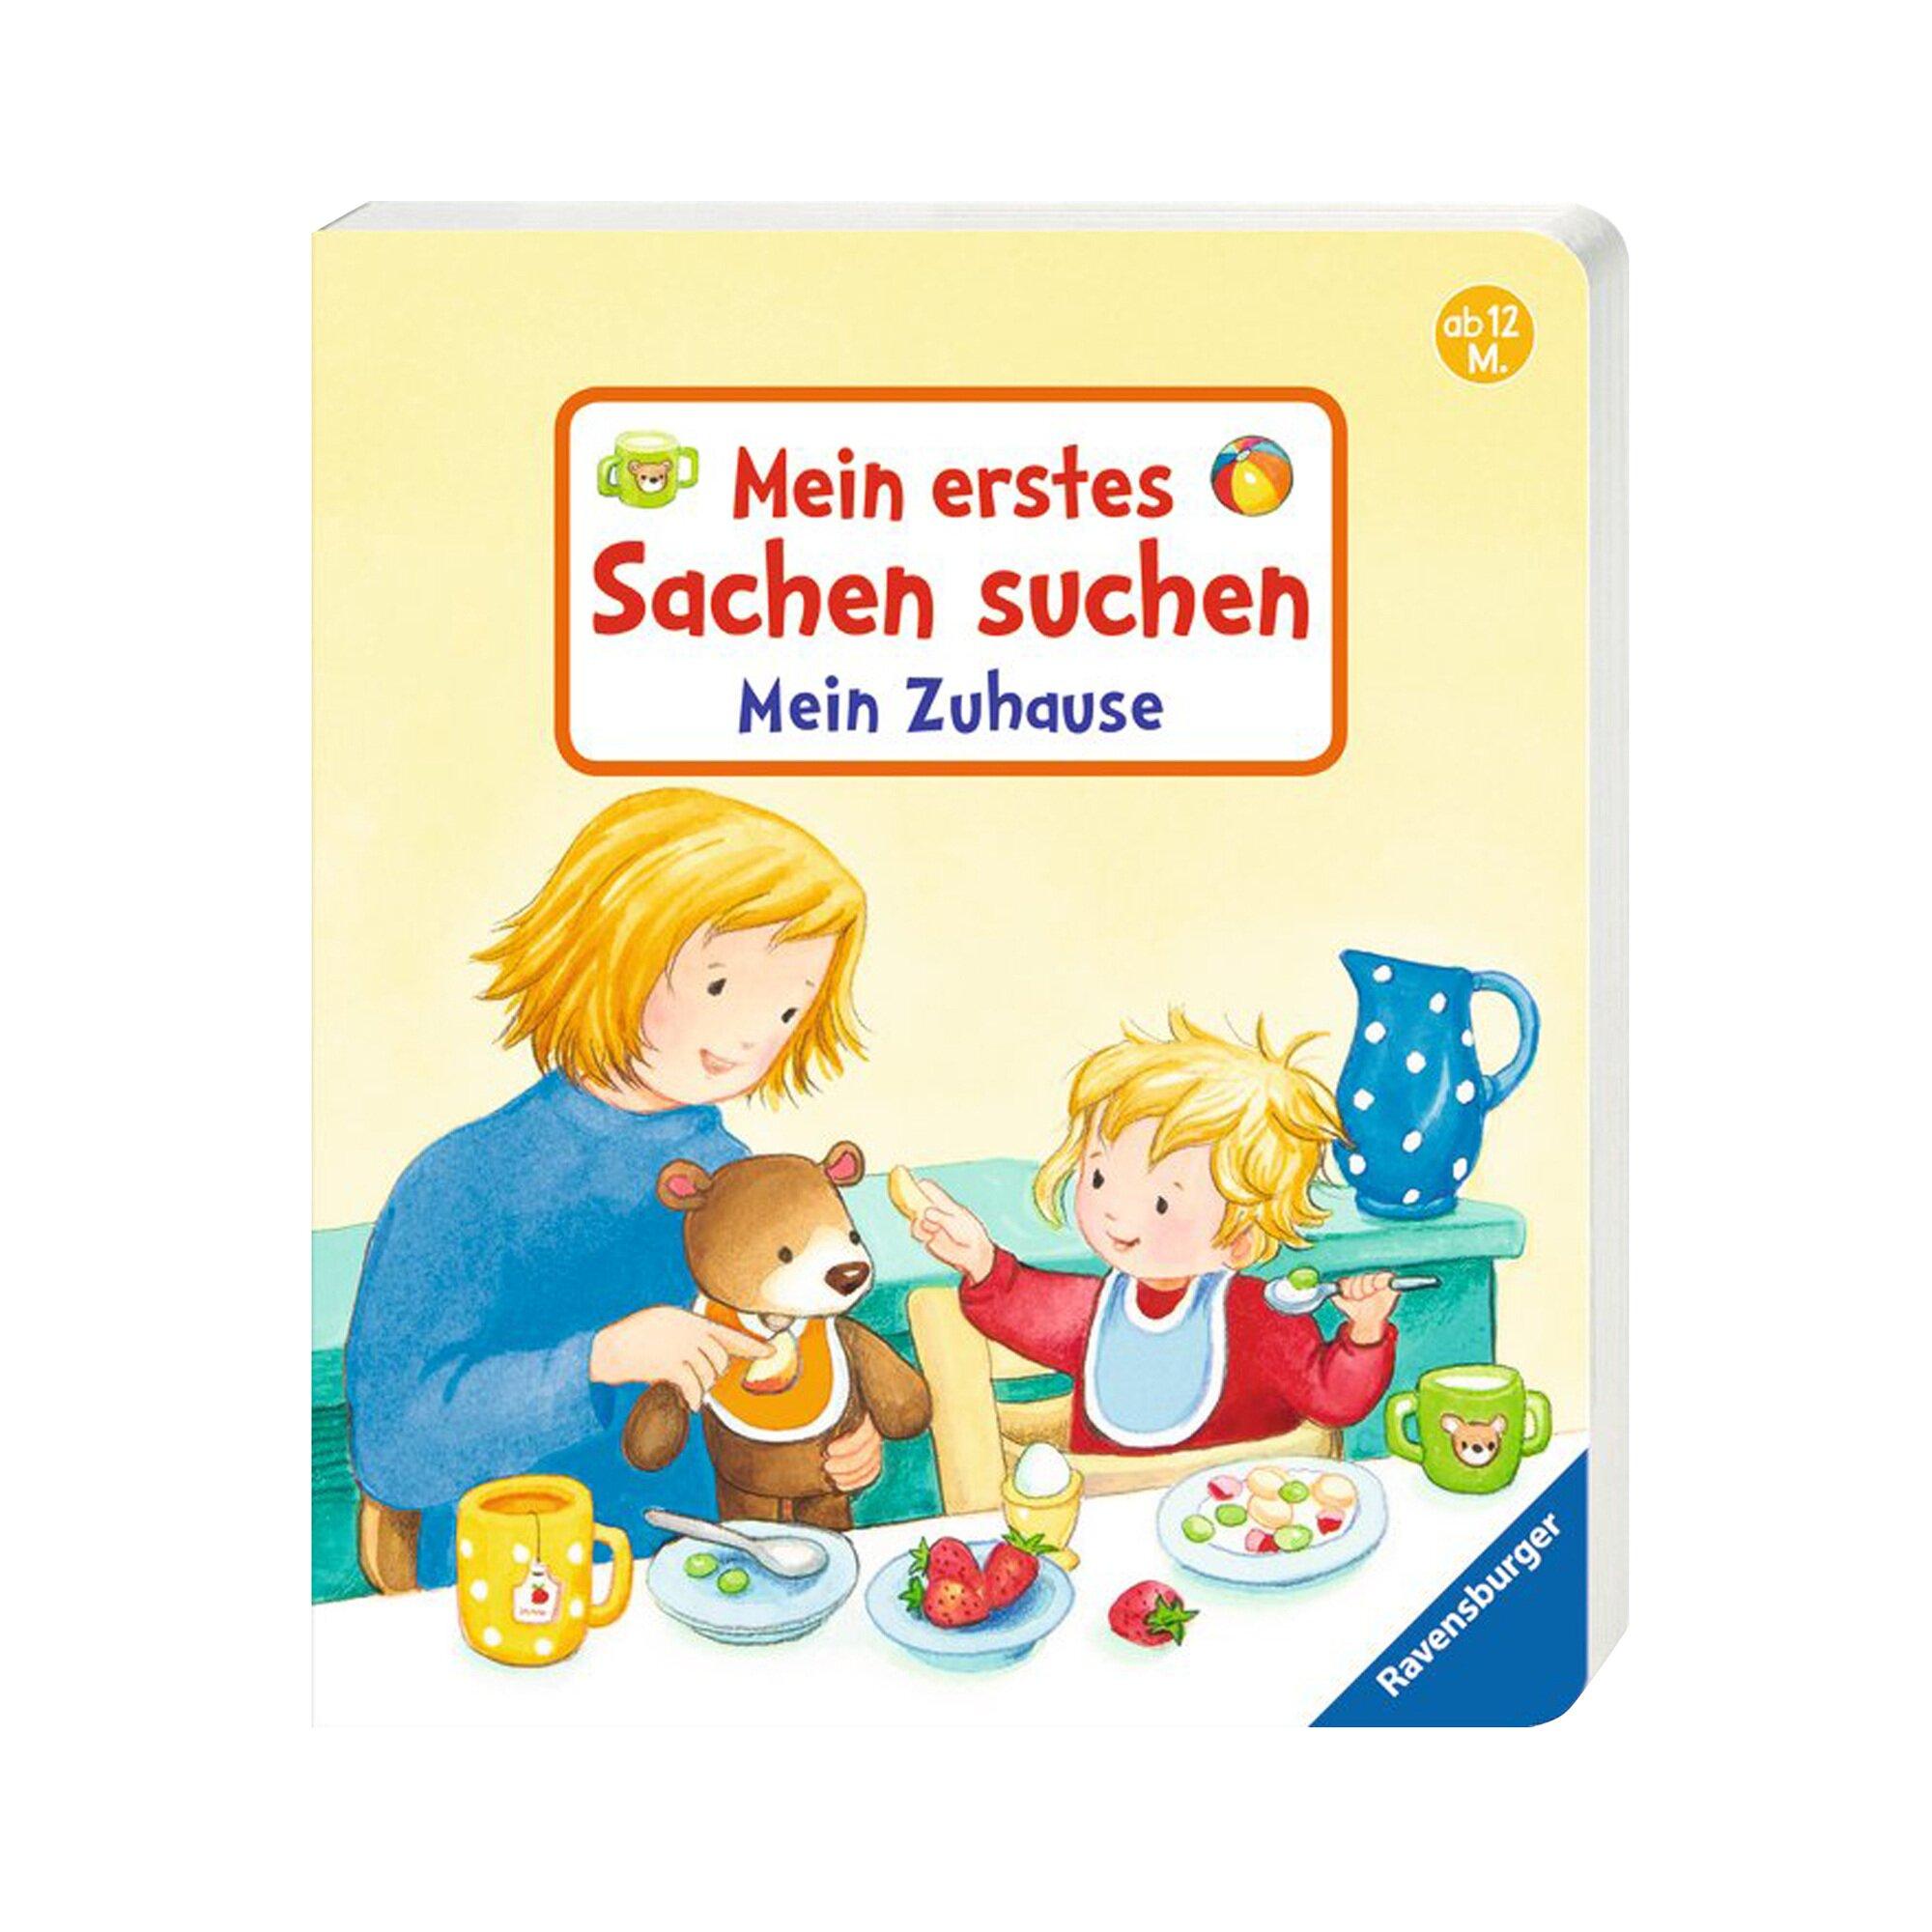 Pappbilderbücher Pappbilderbuch Mein erstes Sachen suchen: Mein Zuhause